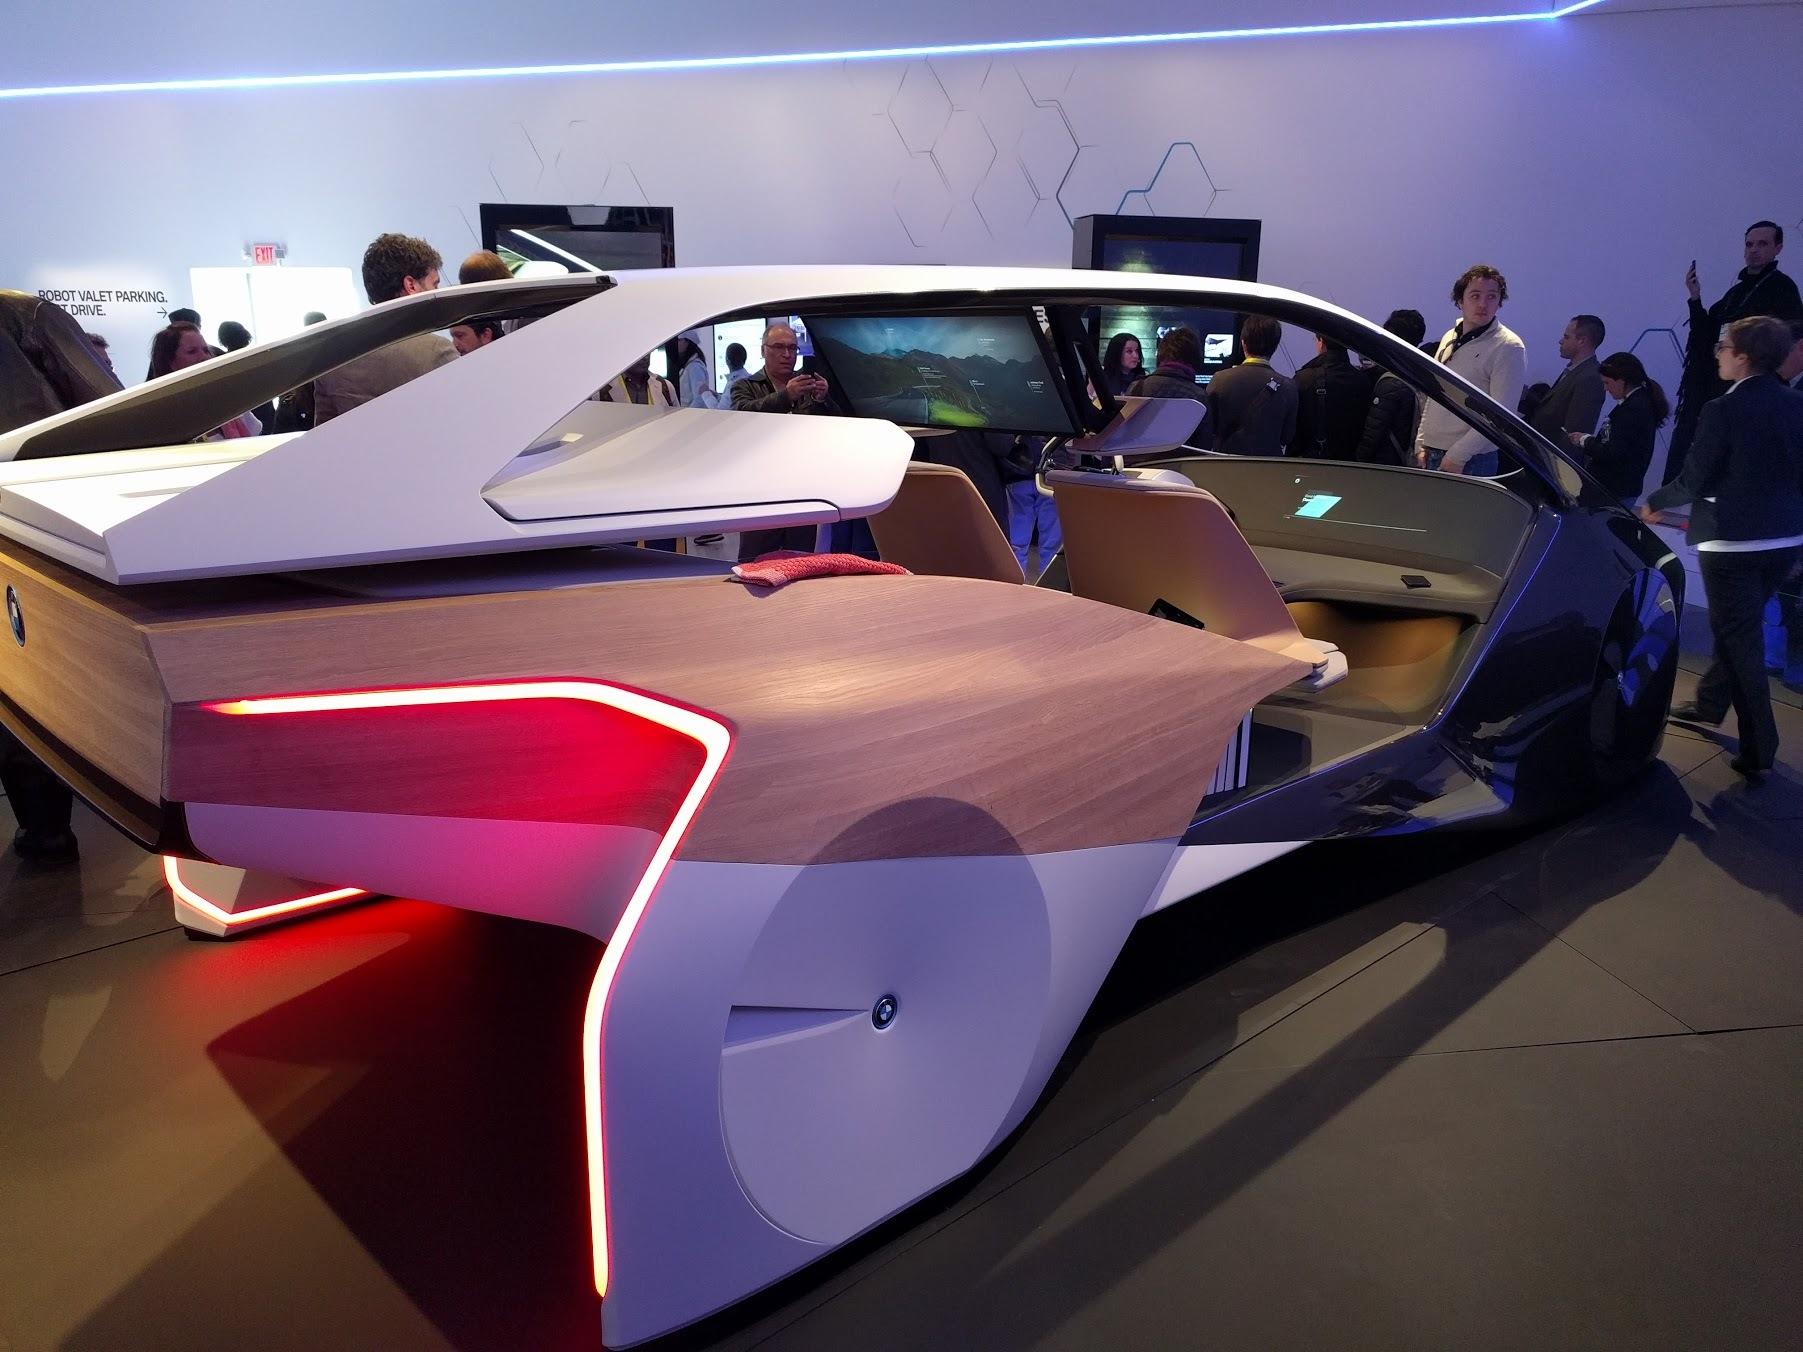 impakter, tron, car, future